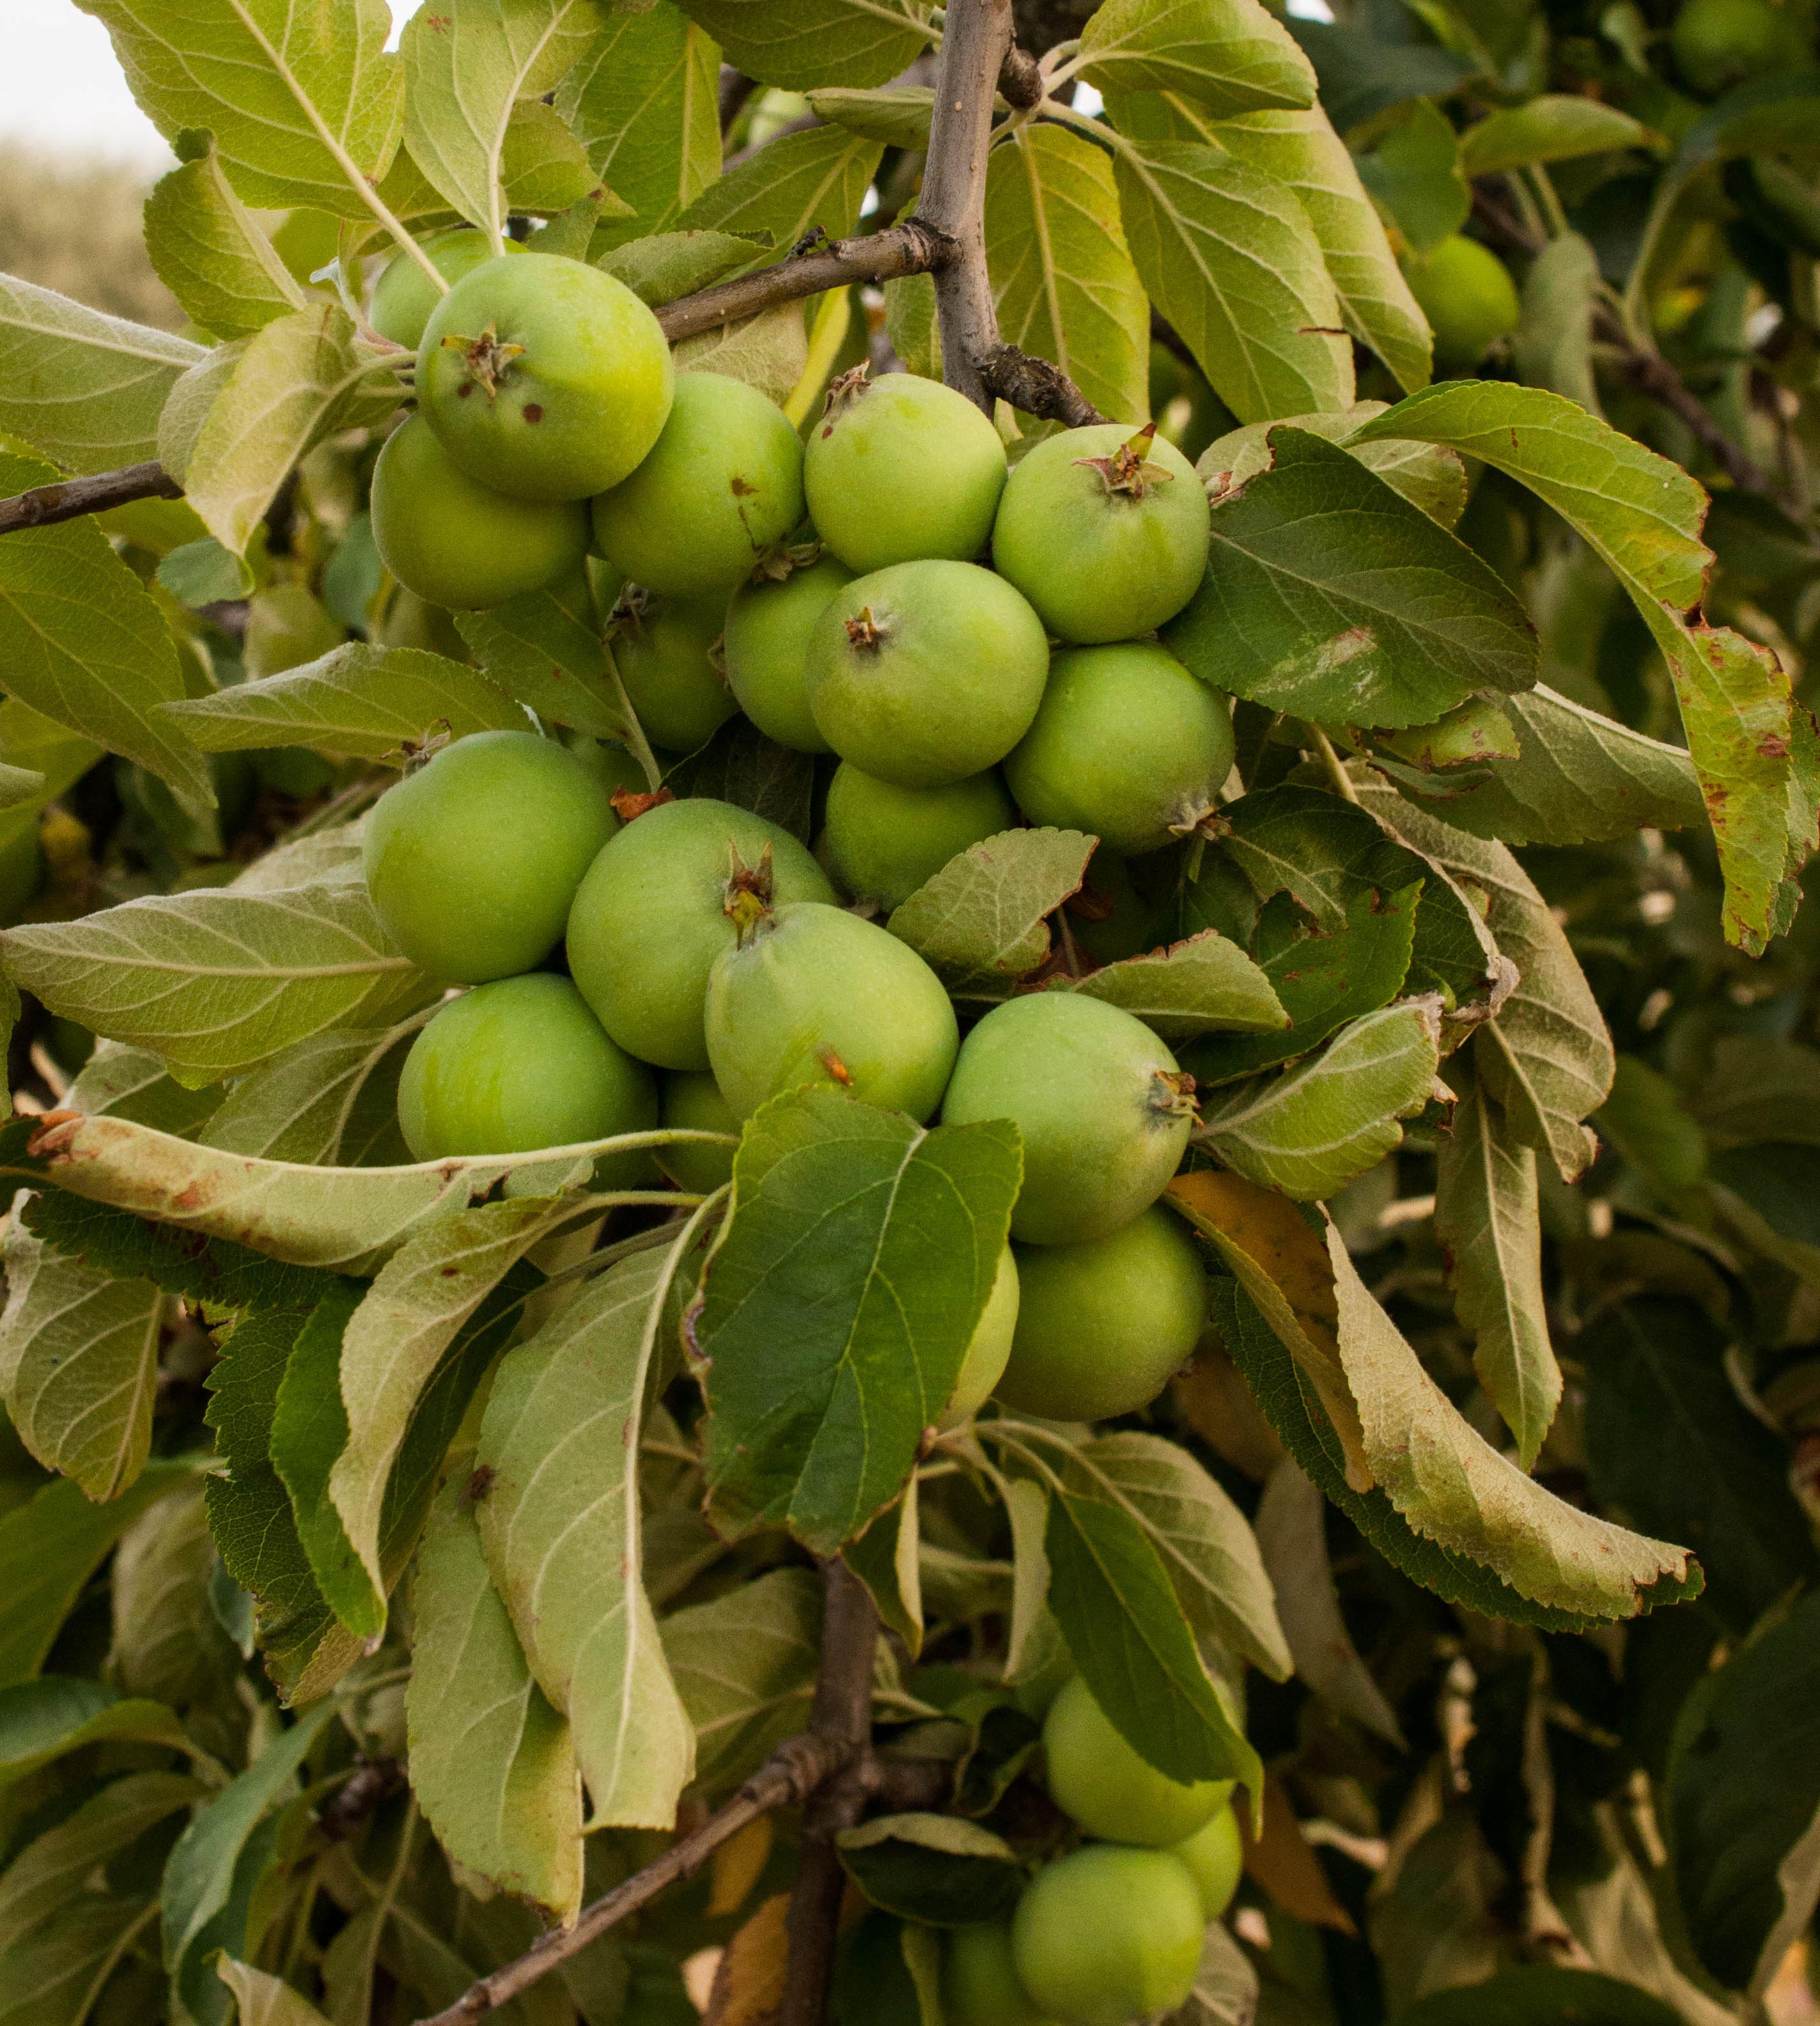 Malus ssp Las Obreras de Aliste